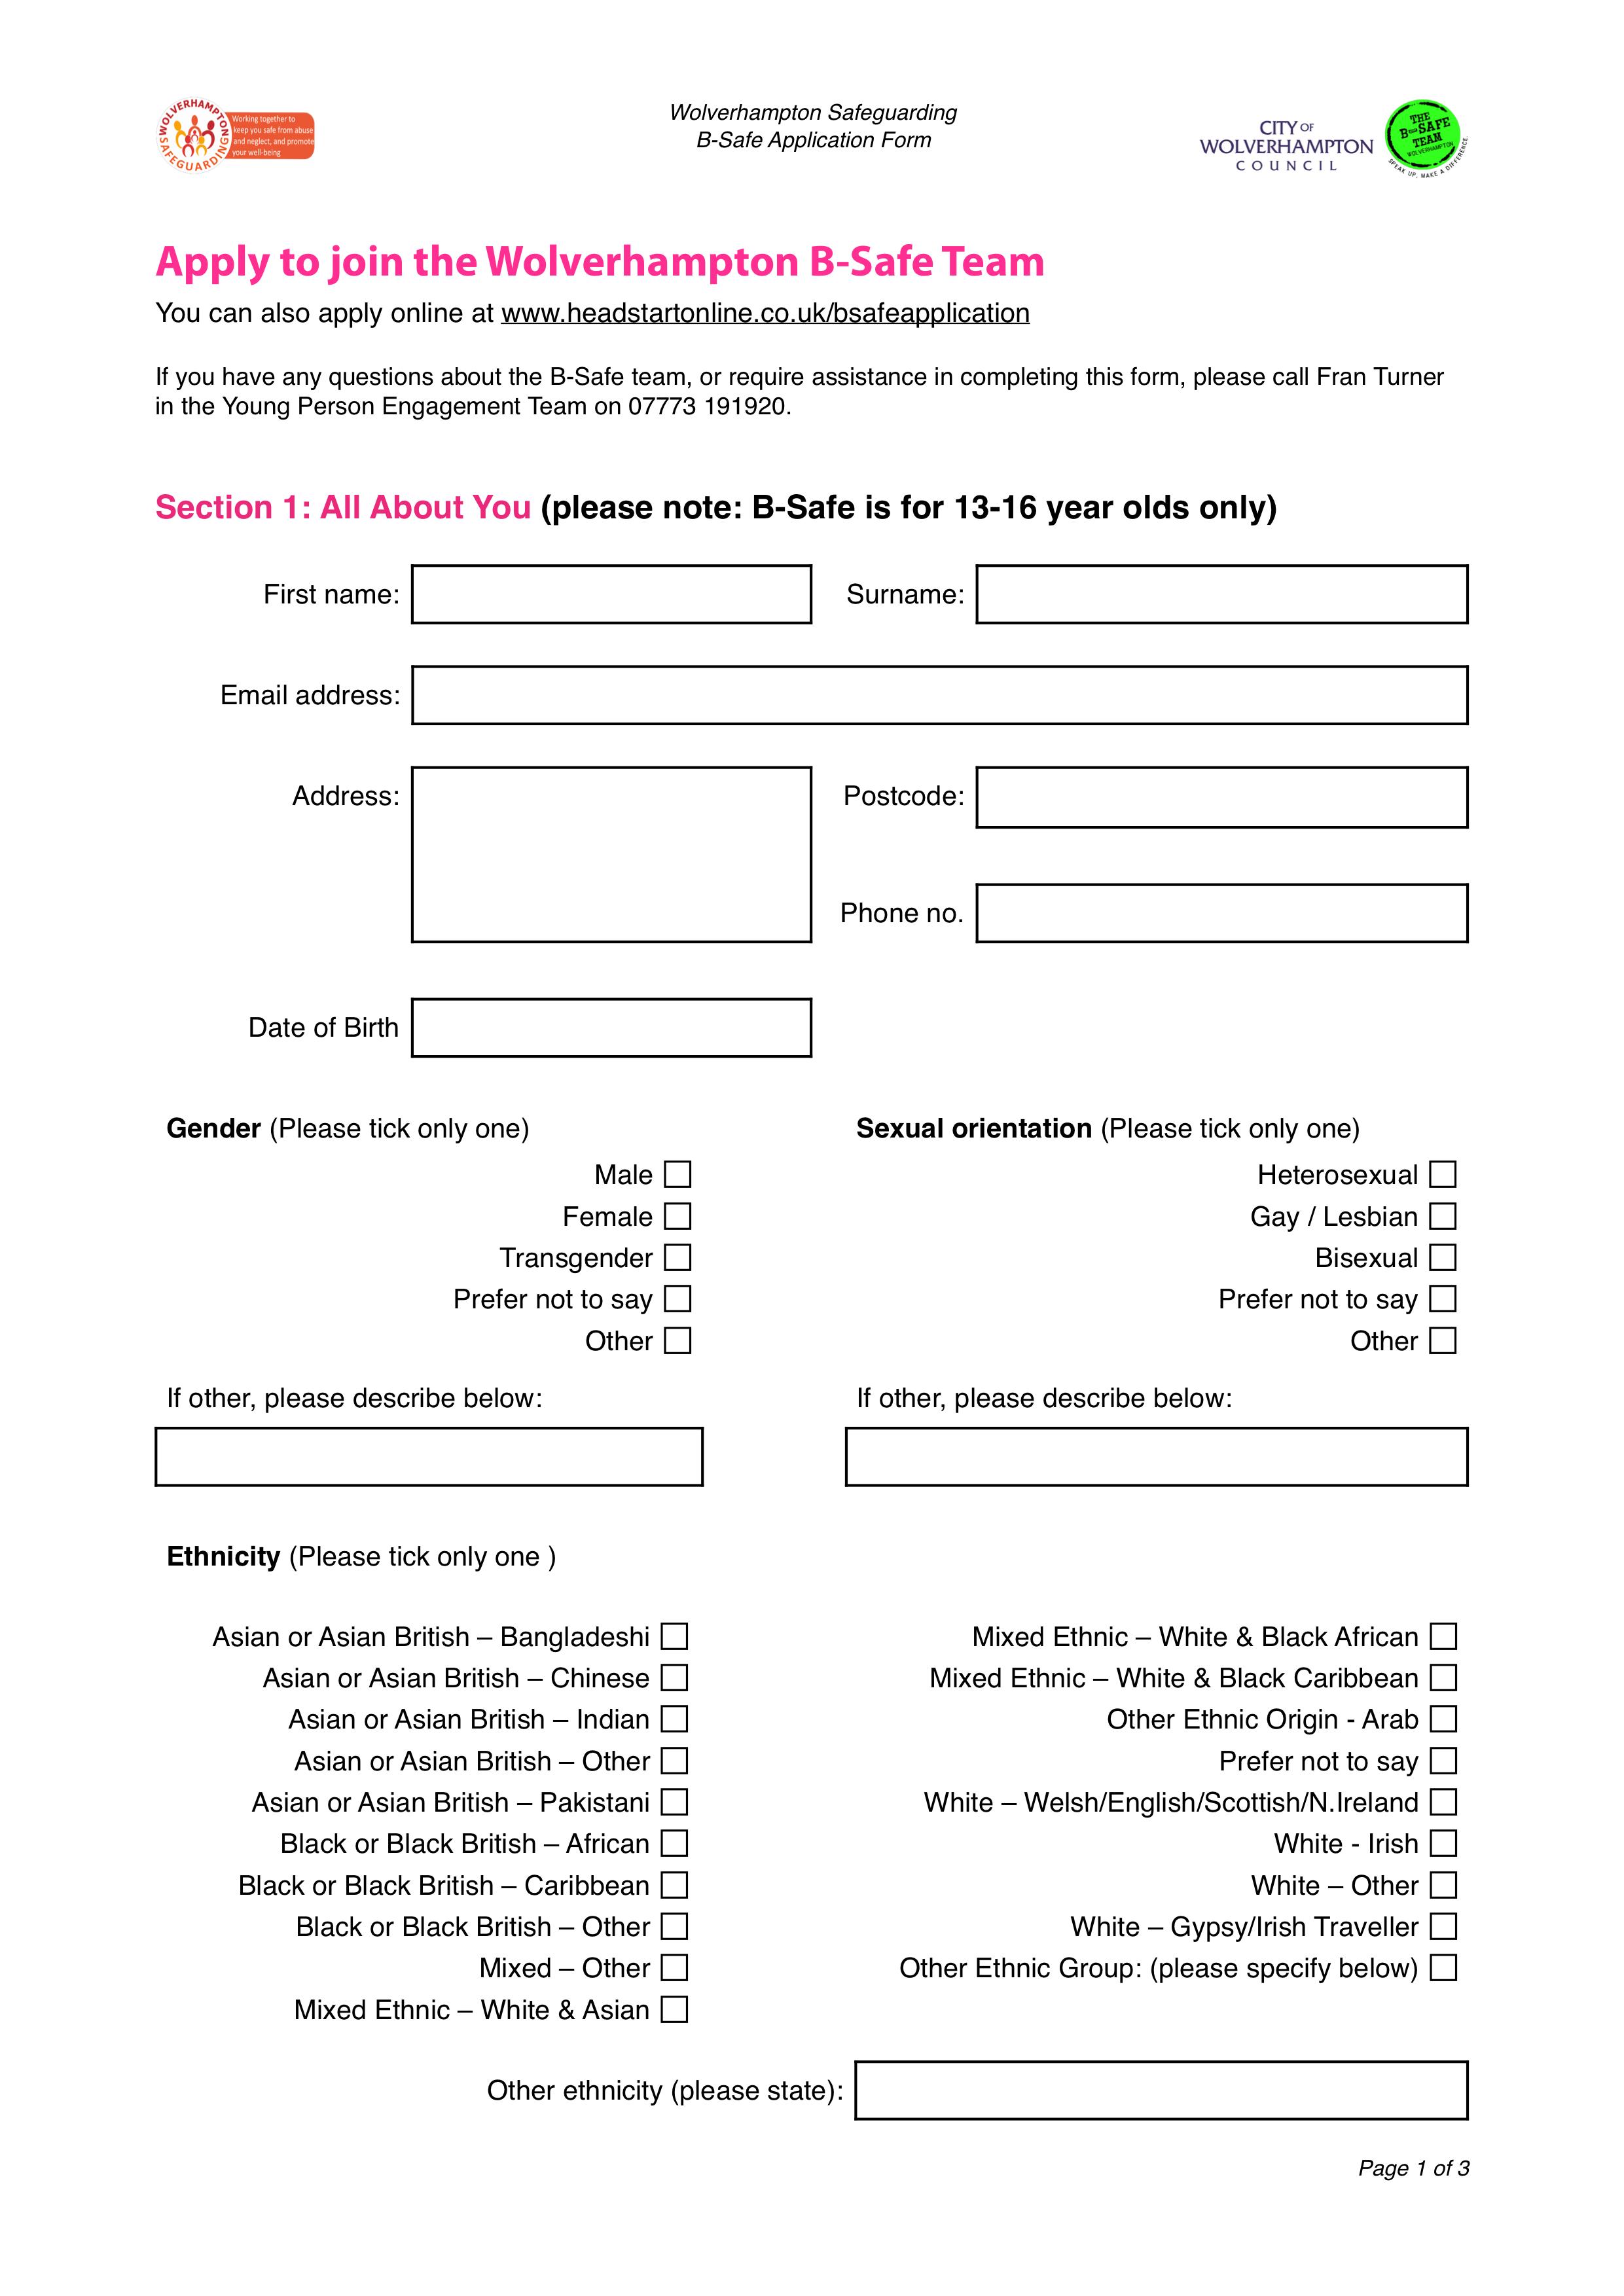 Download the B-Safe Application Form  (PDF version)